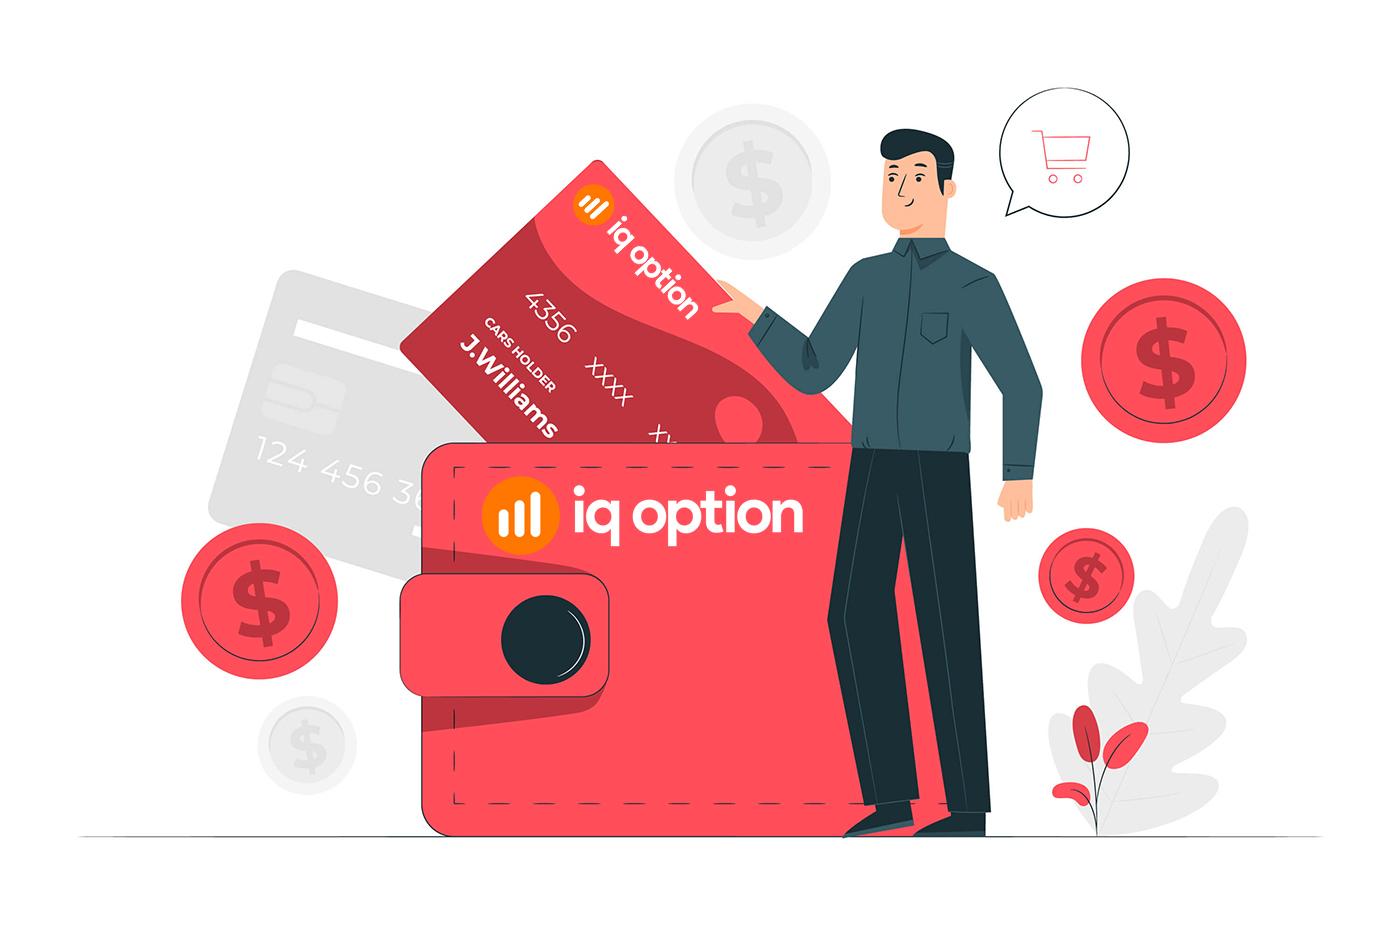 IQ Option'da Hesap Açma ve Para Çekme